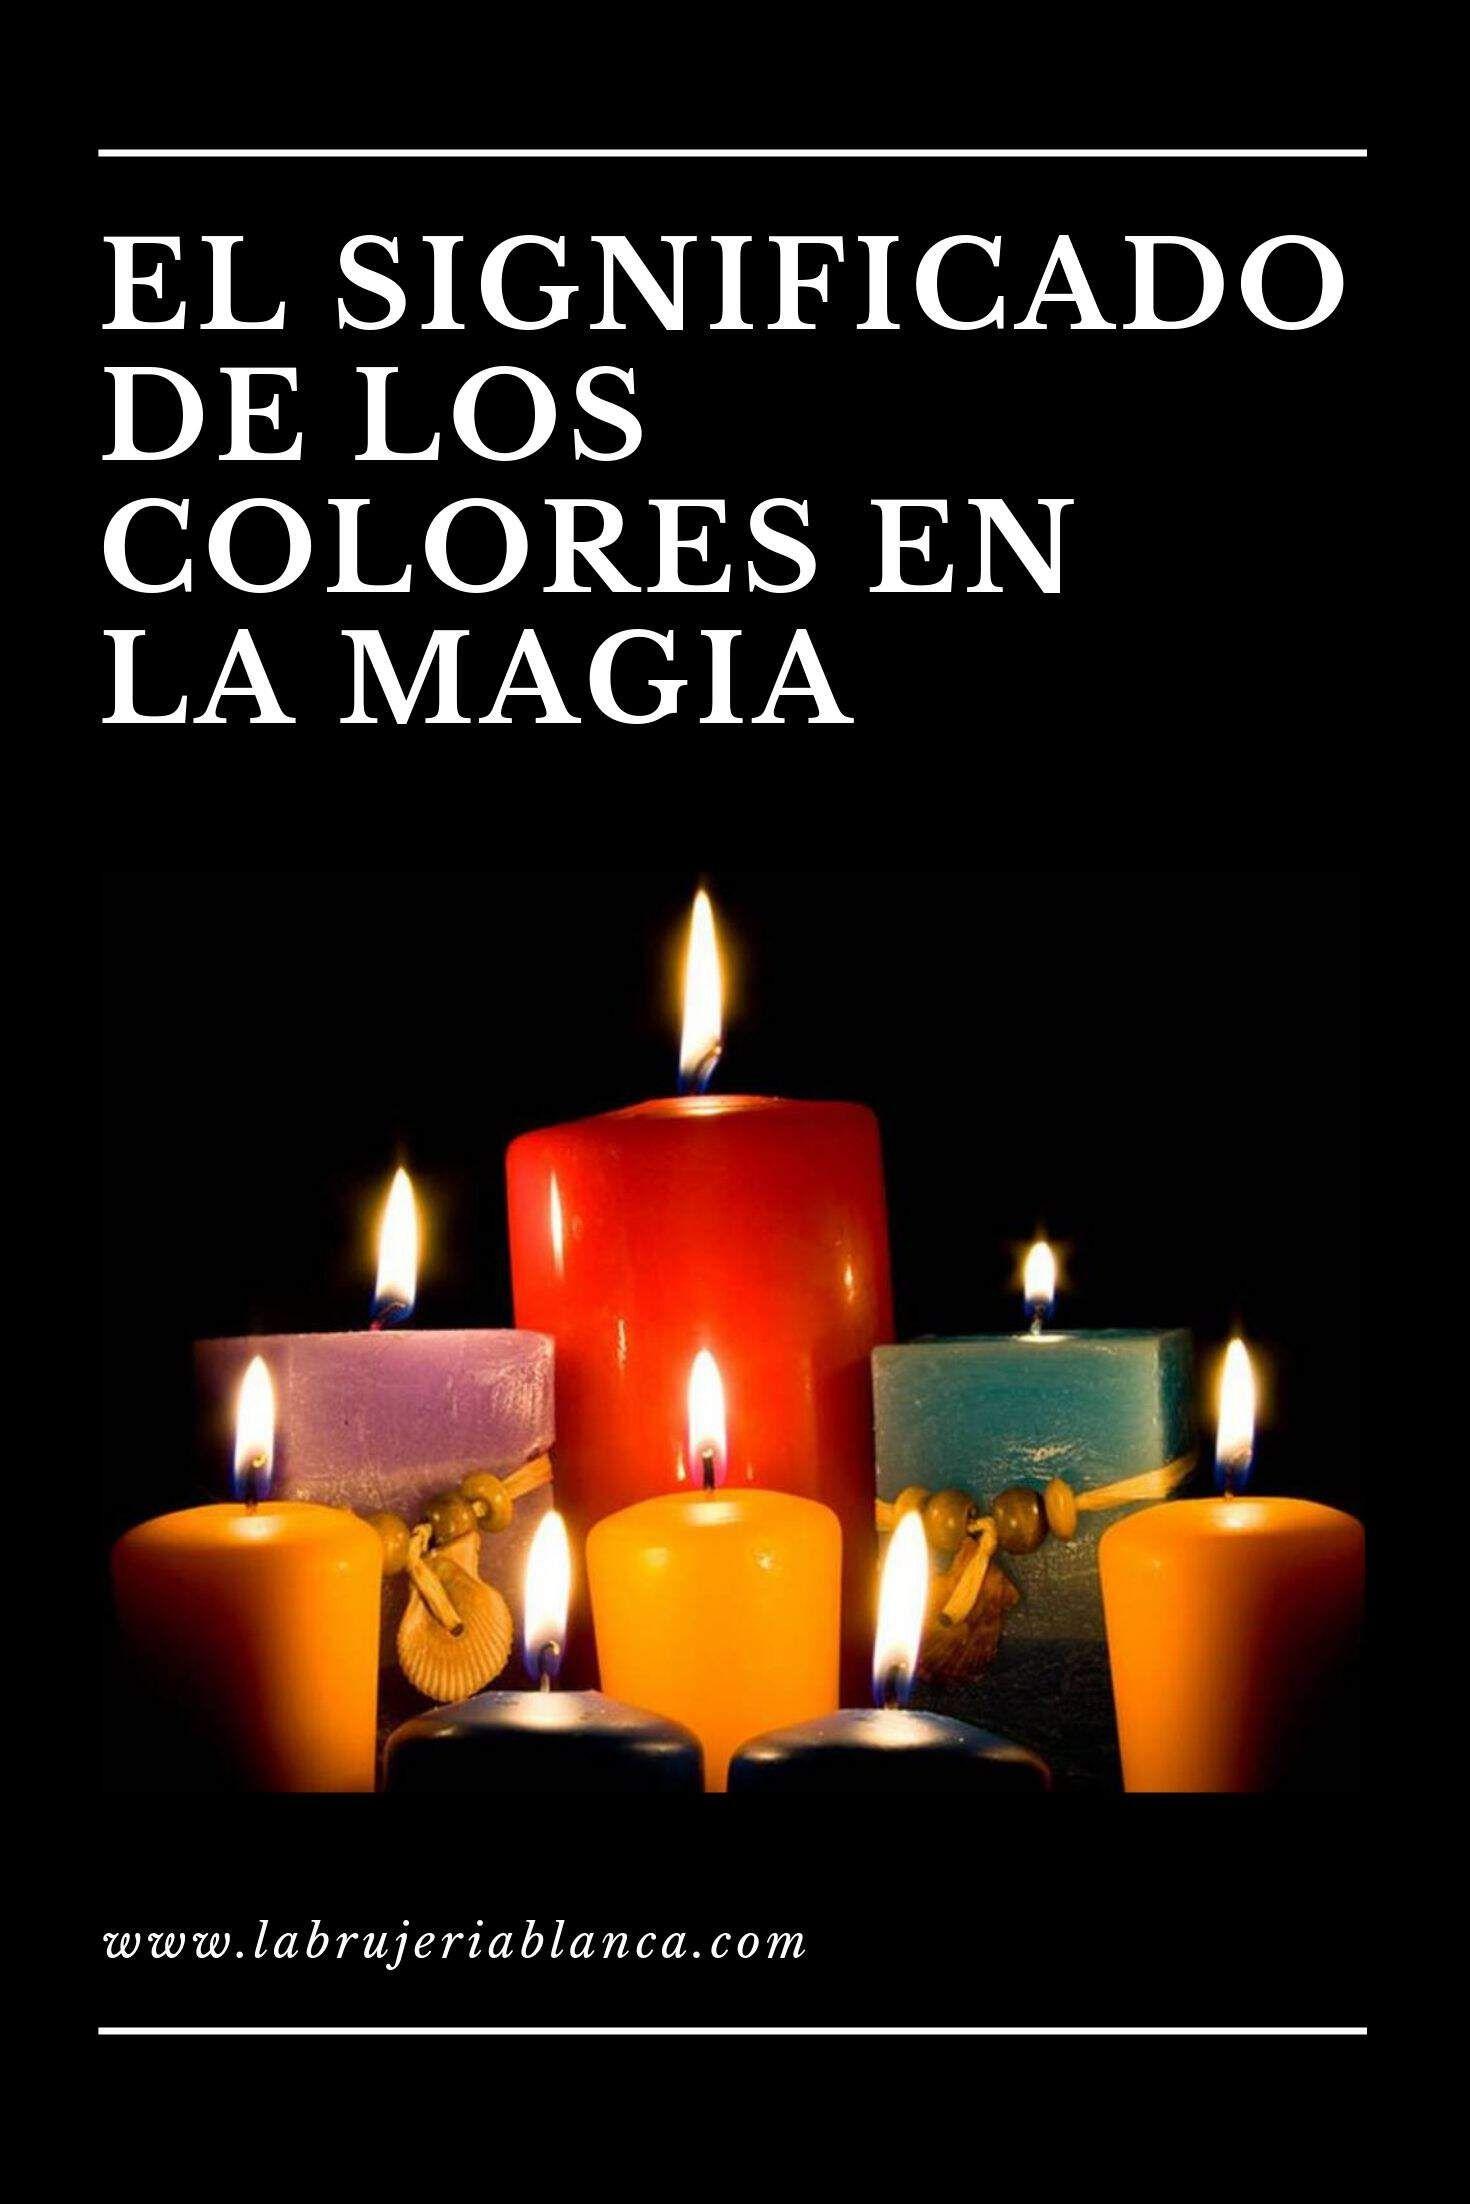 Significado Y Uso De Los Colores En Magia Y Brujería La Bujería Blanca Mantras Santeria Wicca